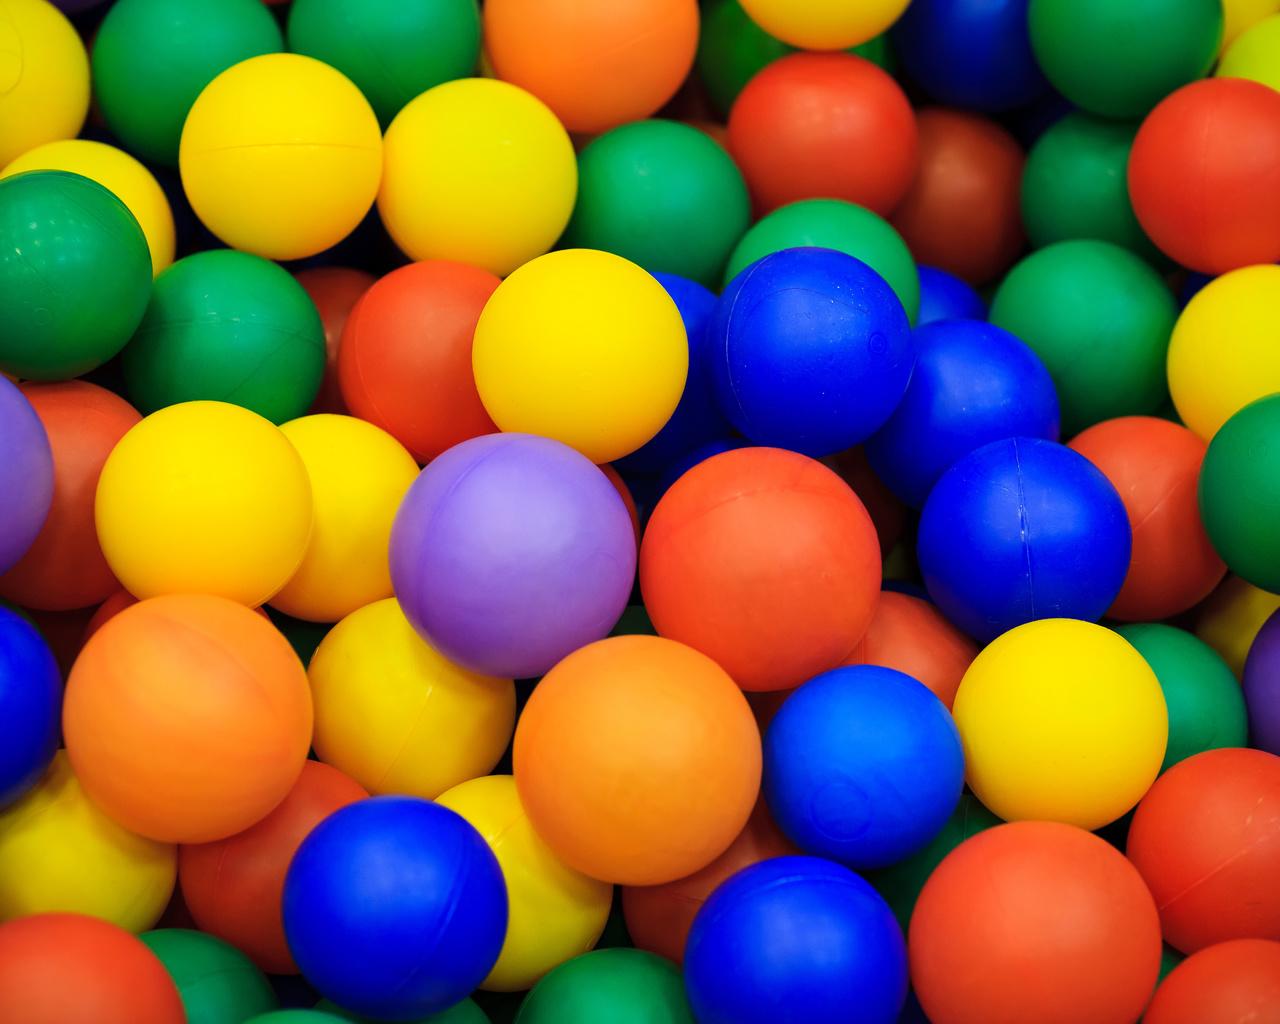 картинки шарики разных цветов изображения имеют